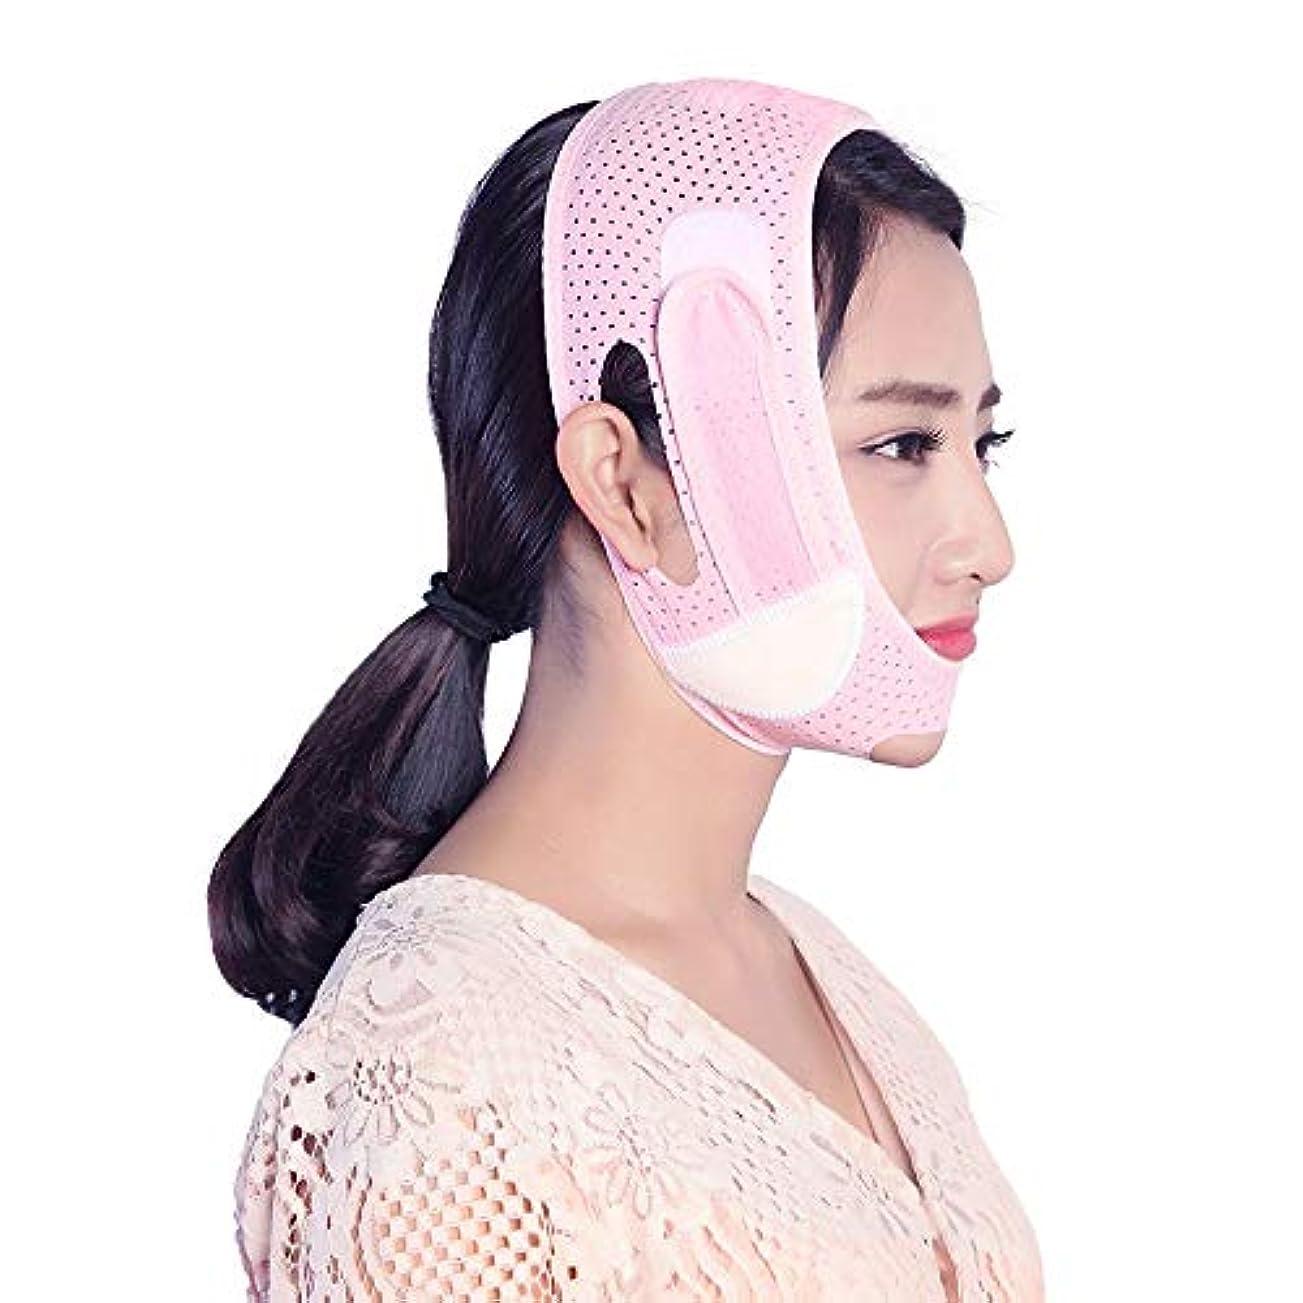 応じるキャンパス従う睡眠薄い顔パッチ包帯吊り上げプルv顔引き締めどころアーティファクト判決パターン二重あご薄いマッセルマスク - ピンク